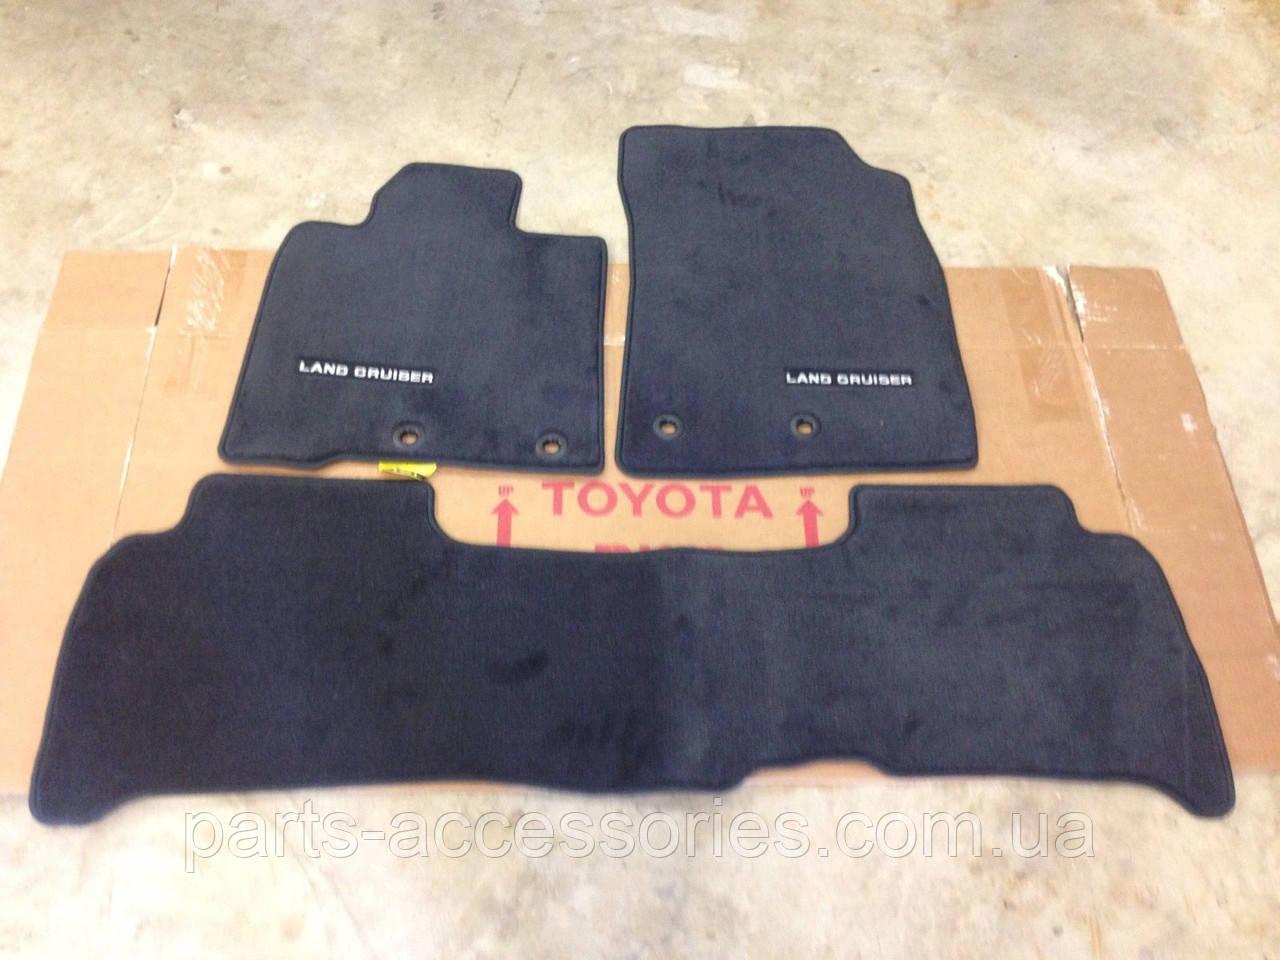 Комплект велюровый ковриков для Toyota Land Cruiser 200 2013-16 новые оригинал черные